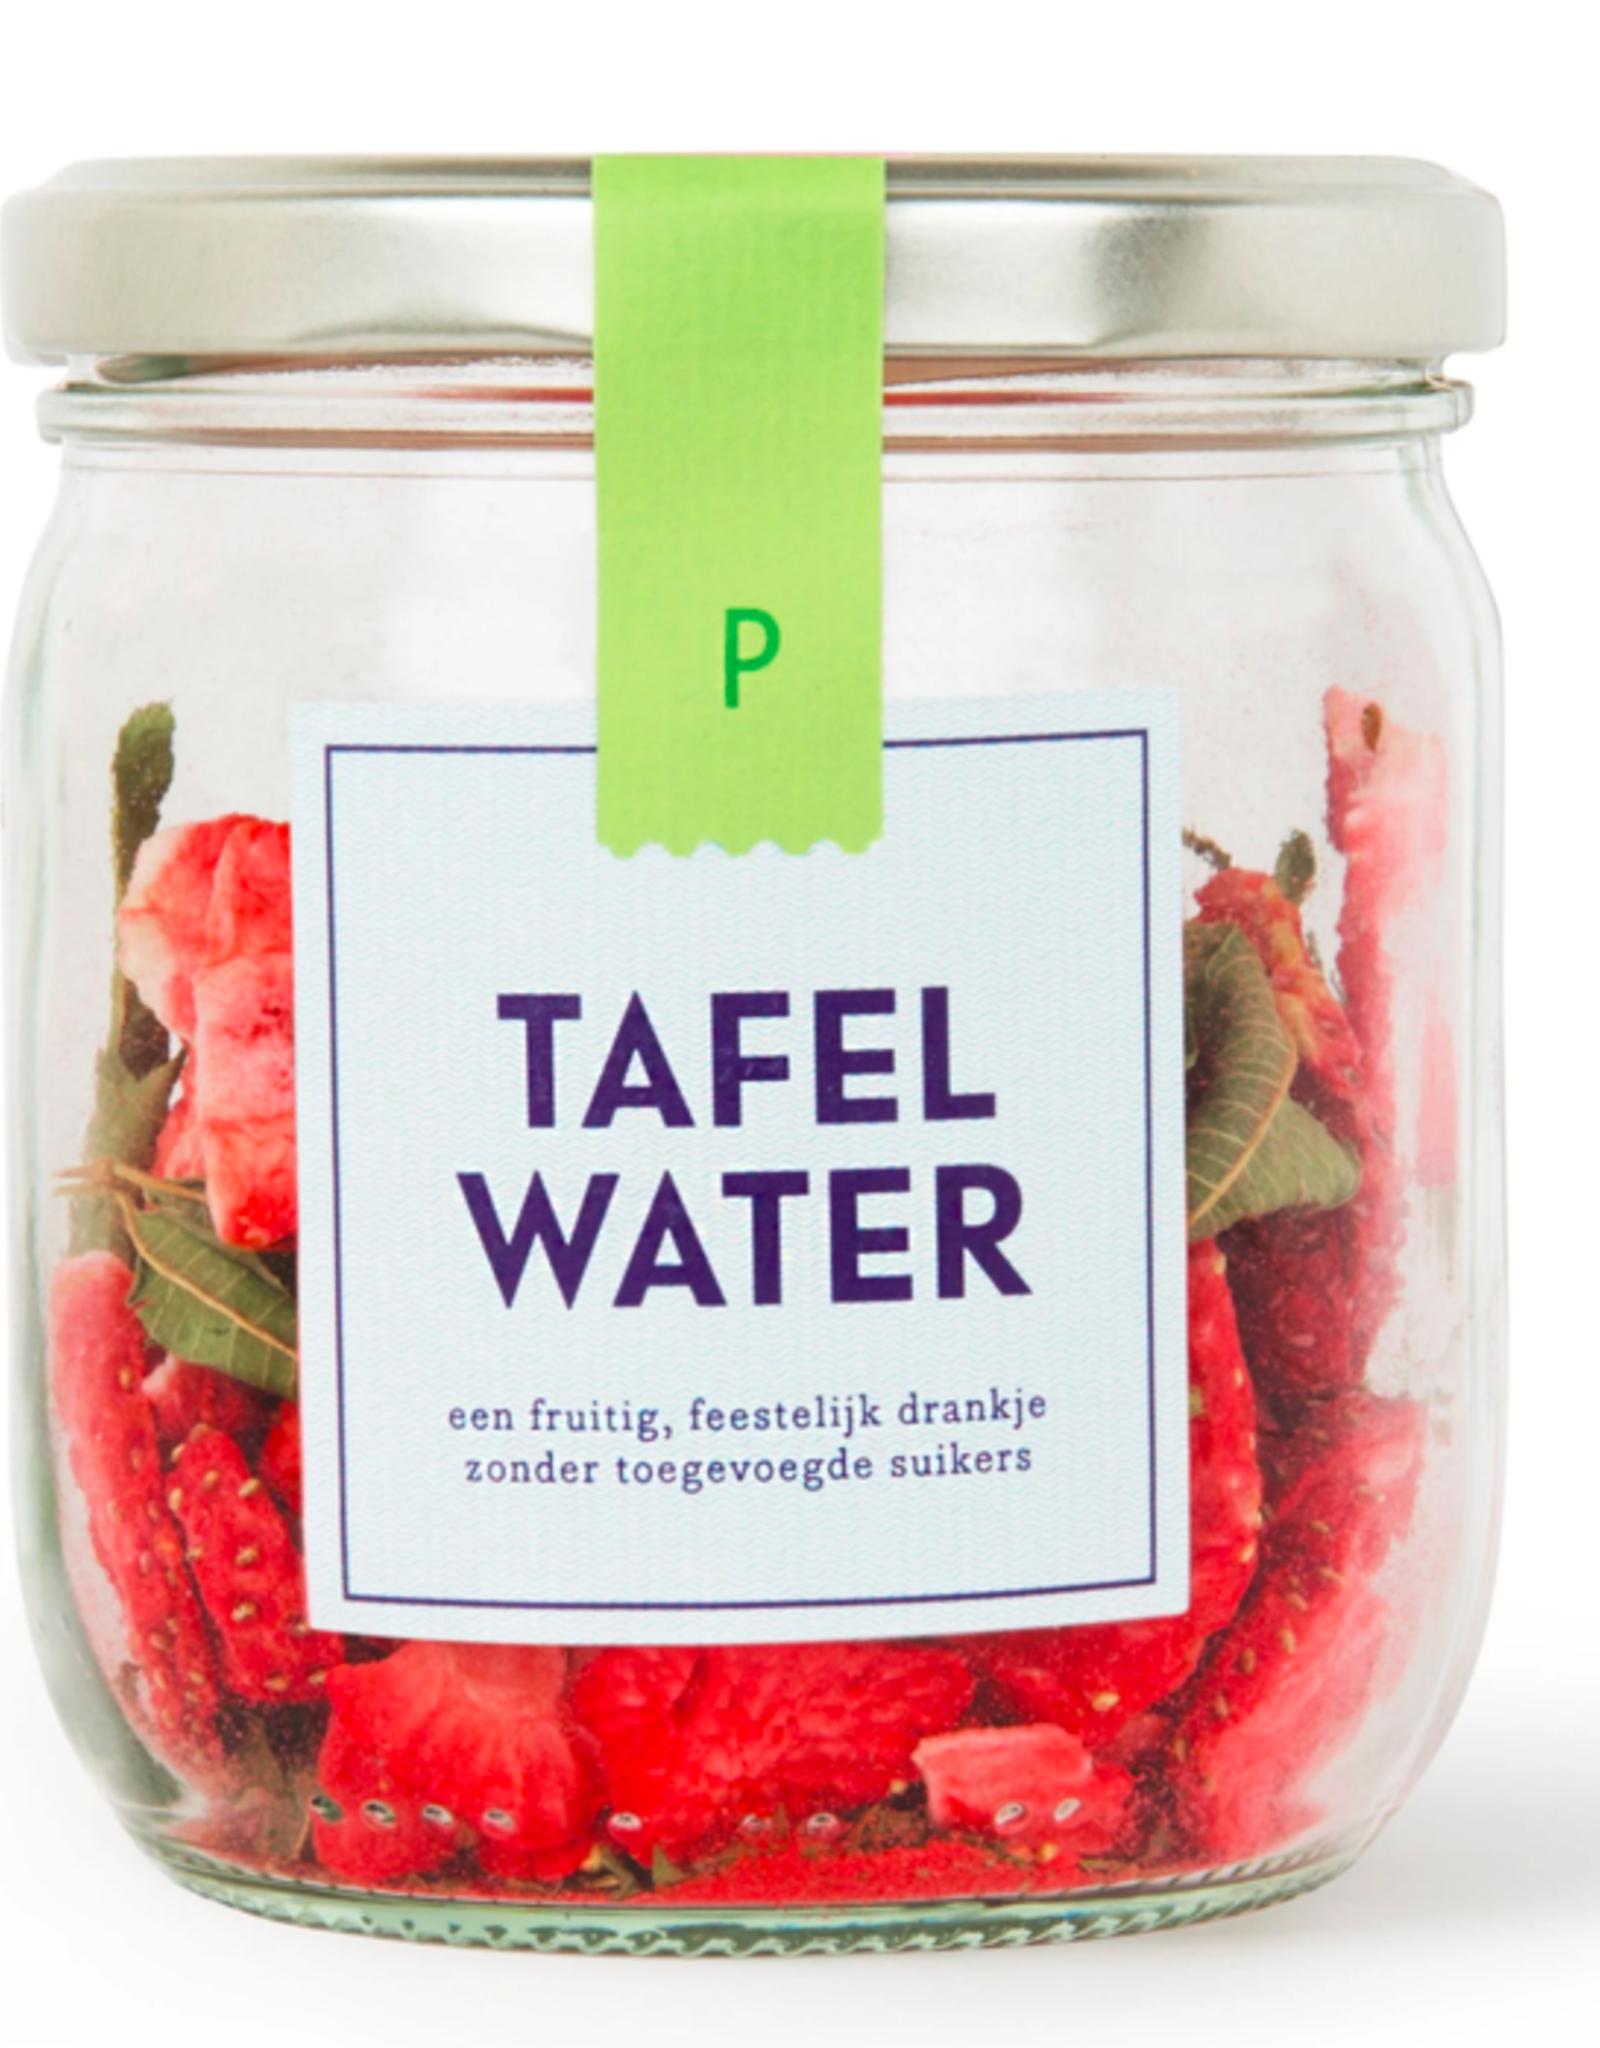 Pineut Pineut - Tafelwater Refill - Aardbei verveine